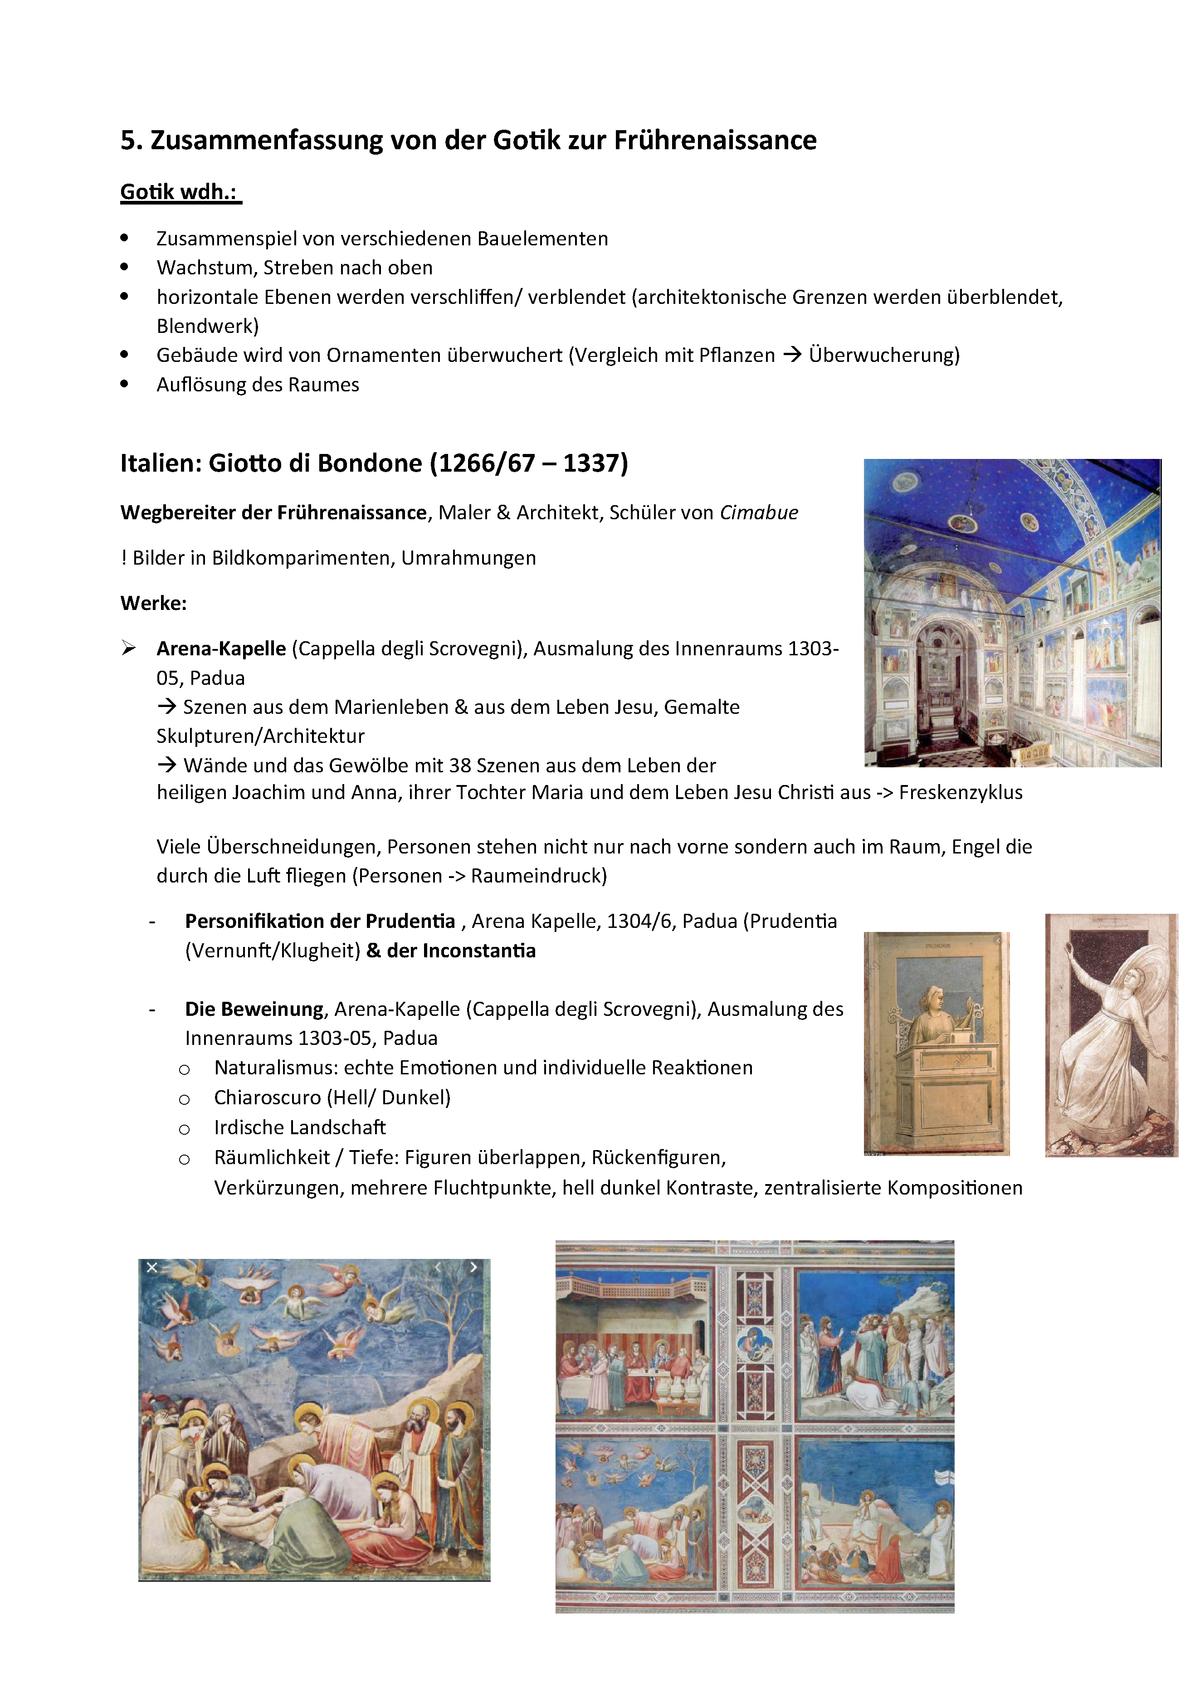 4 Zusammenfassung Kunstgeschichte gotik zu Frührenaisance - StuDocu